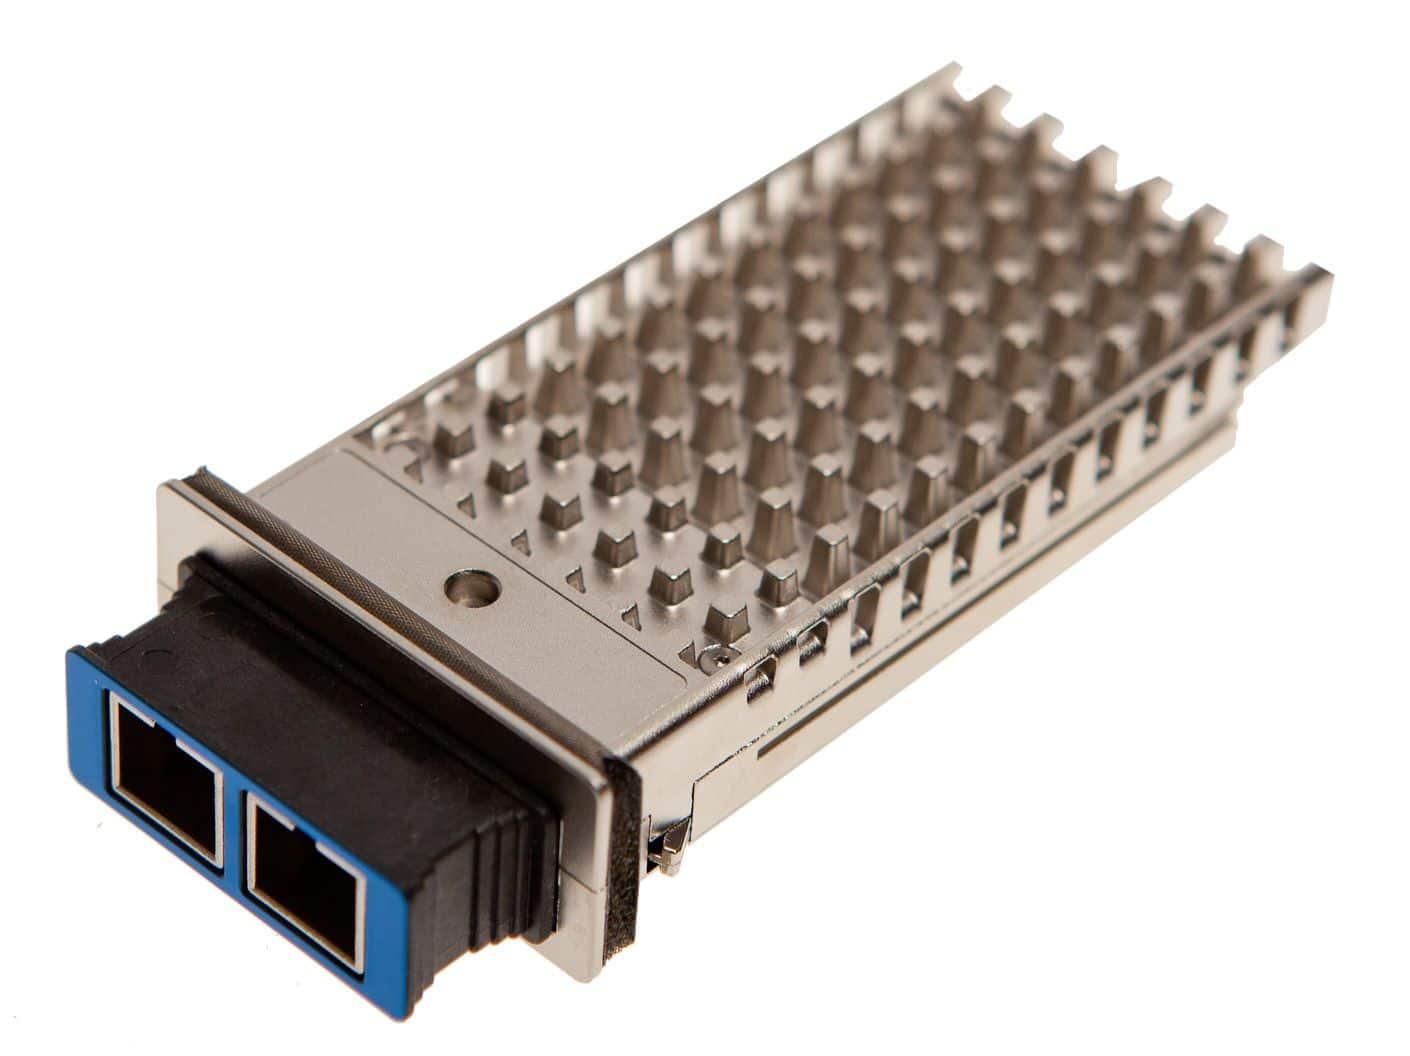 X2 10GBASE-ZR CWDM 1610nm 80km Transceiver, Cisco Systems compatible CWDM-X2-xxxx